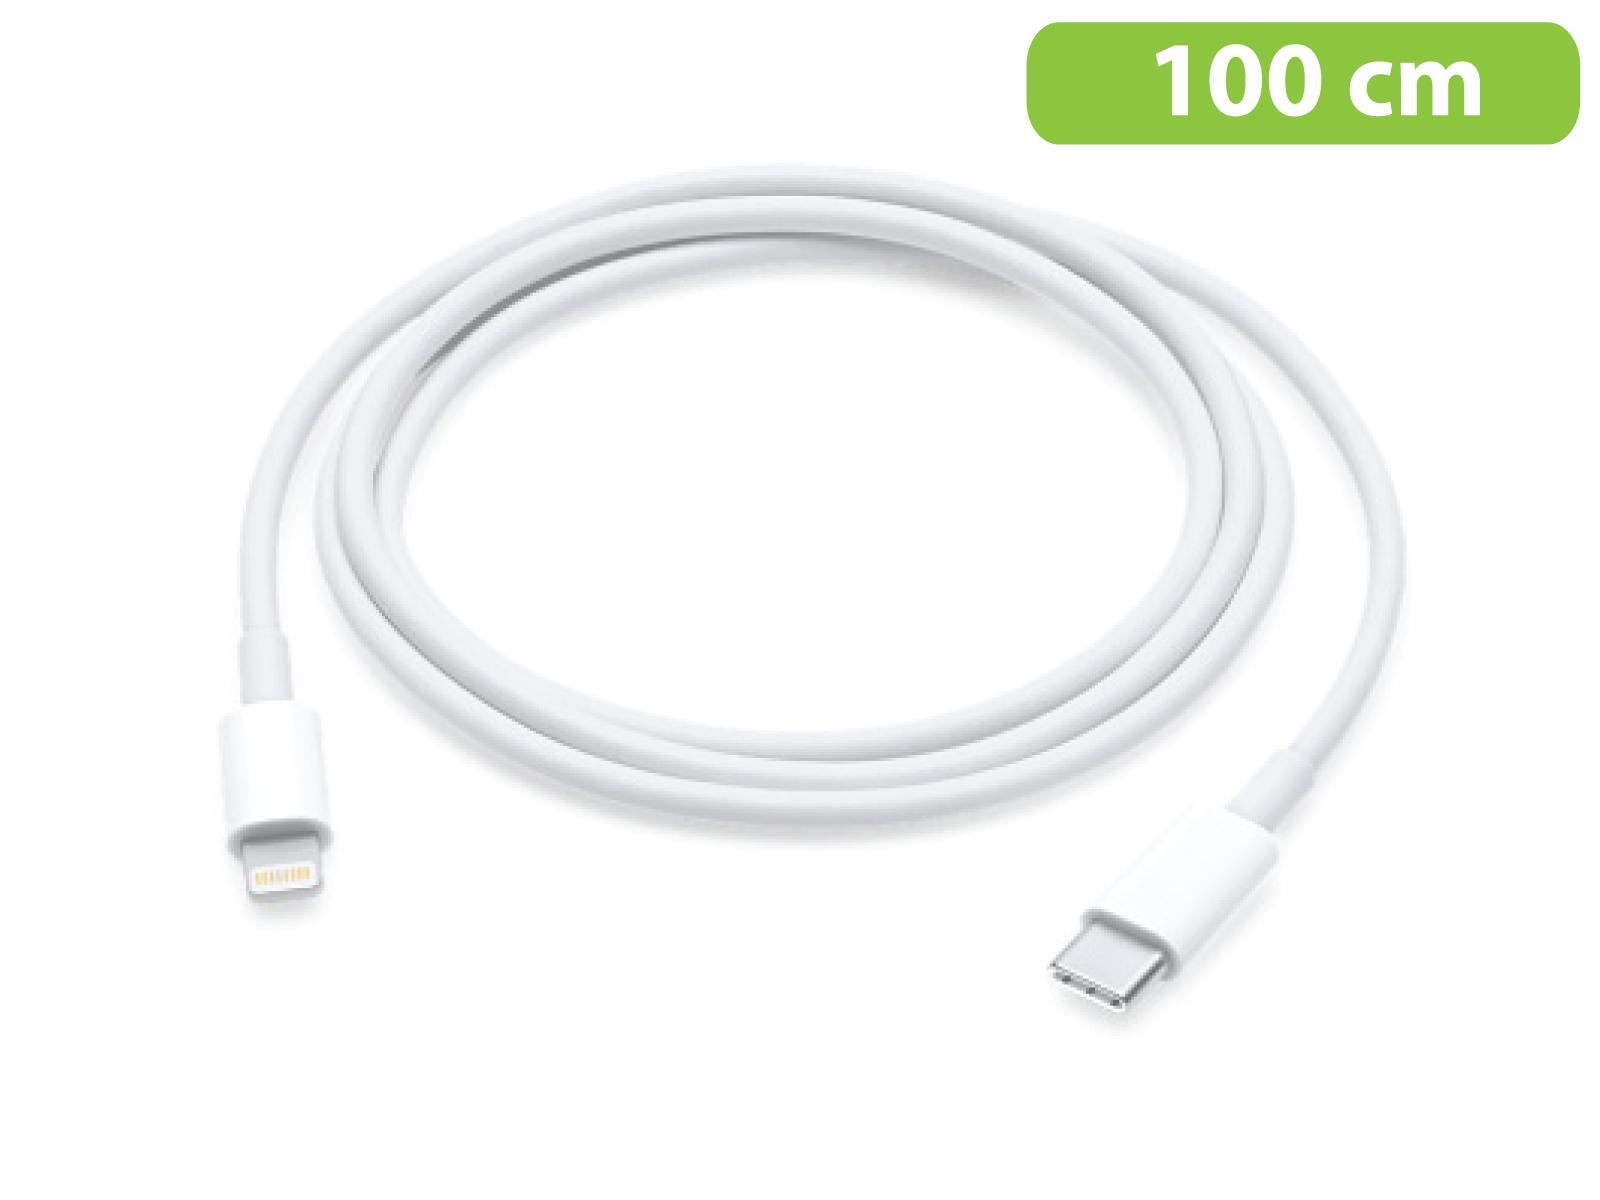 Usb C Naar Lightning 8 Pins Kabel 200 Cm Koop M Hier